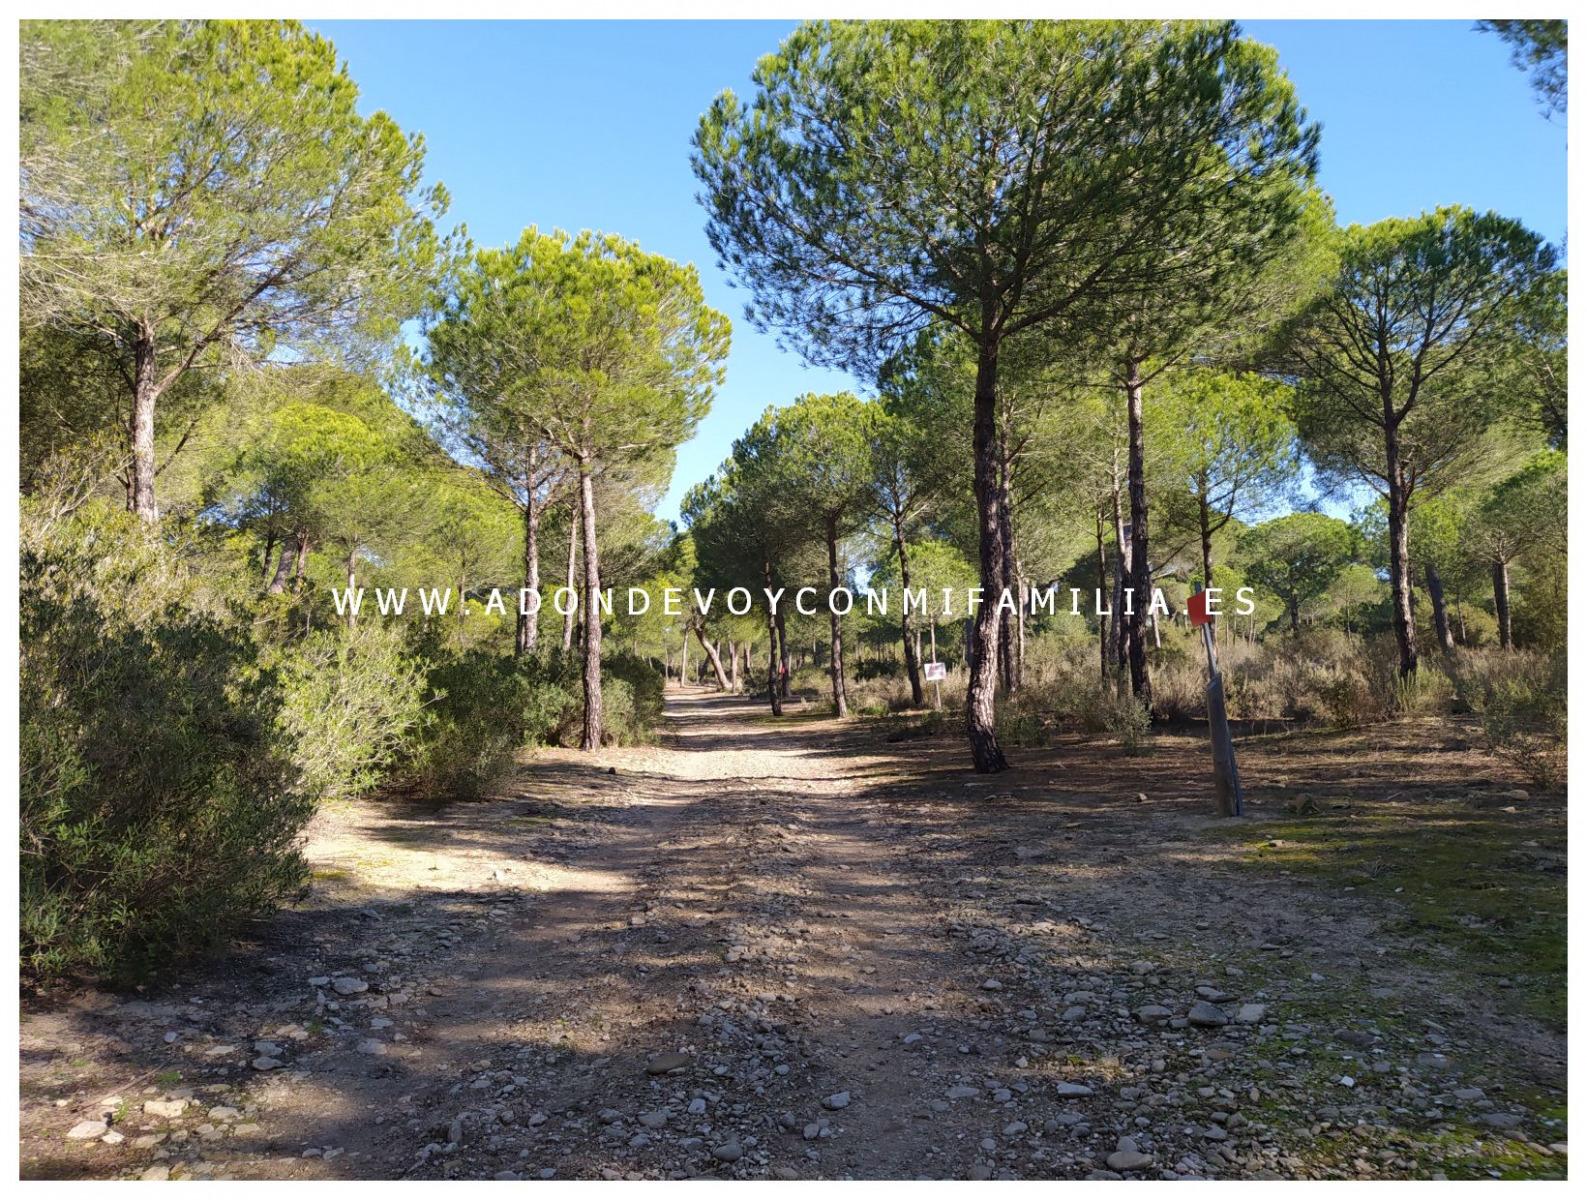 sendero-cerro-del-aguila-pinar-de-la-algaida-sanlucar-adondevoyconmifamilia-60